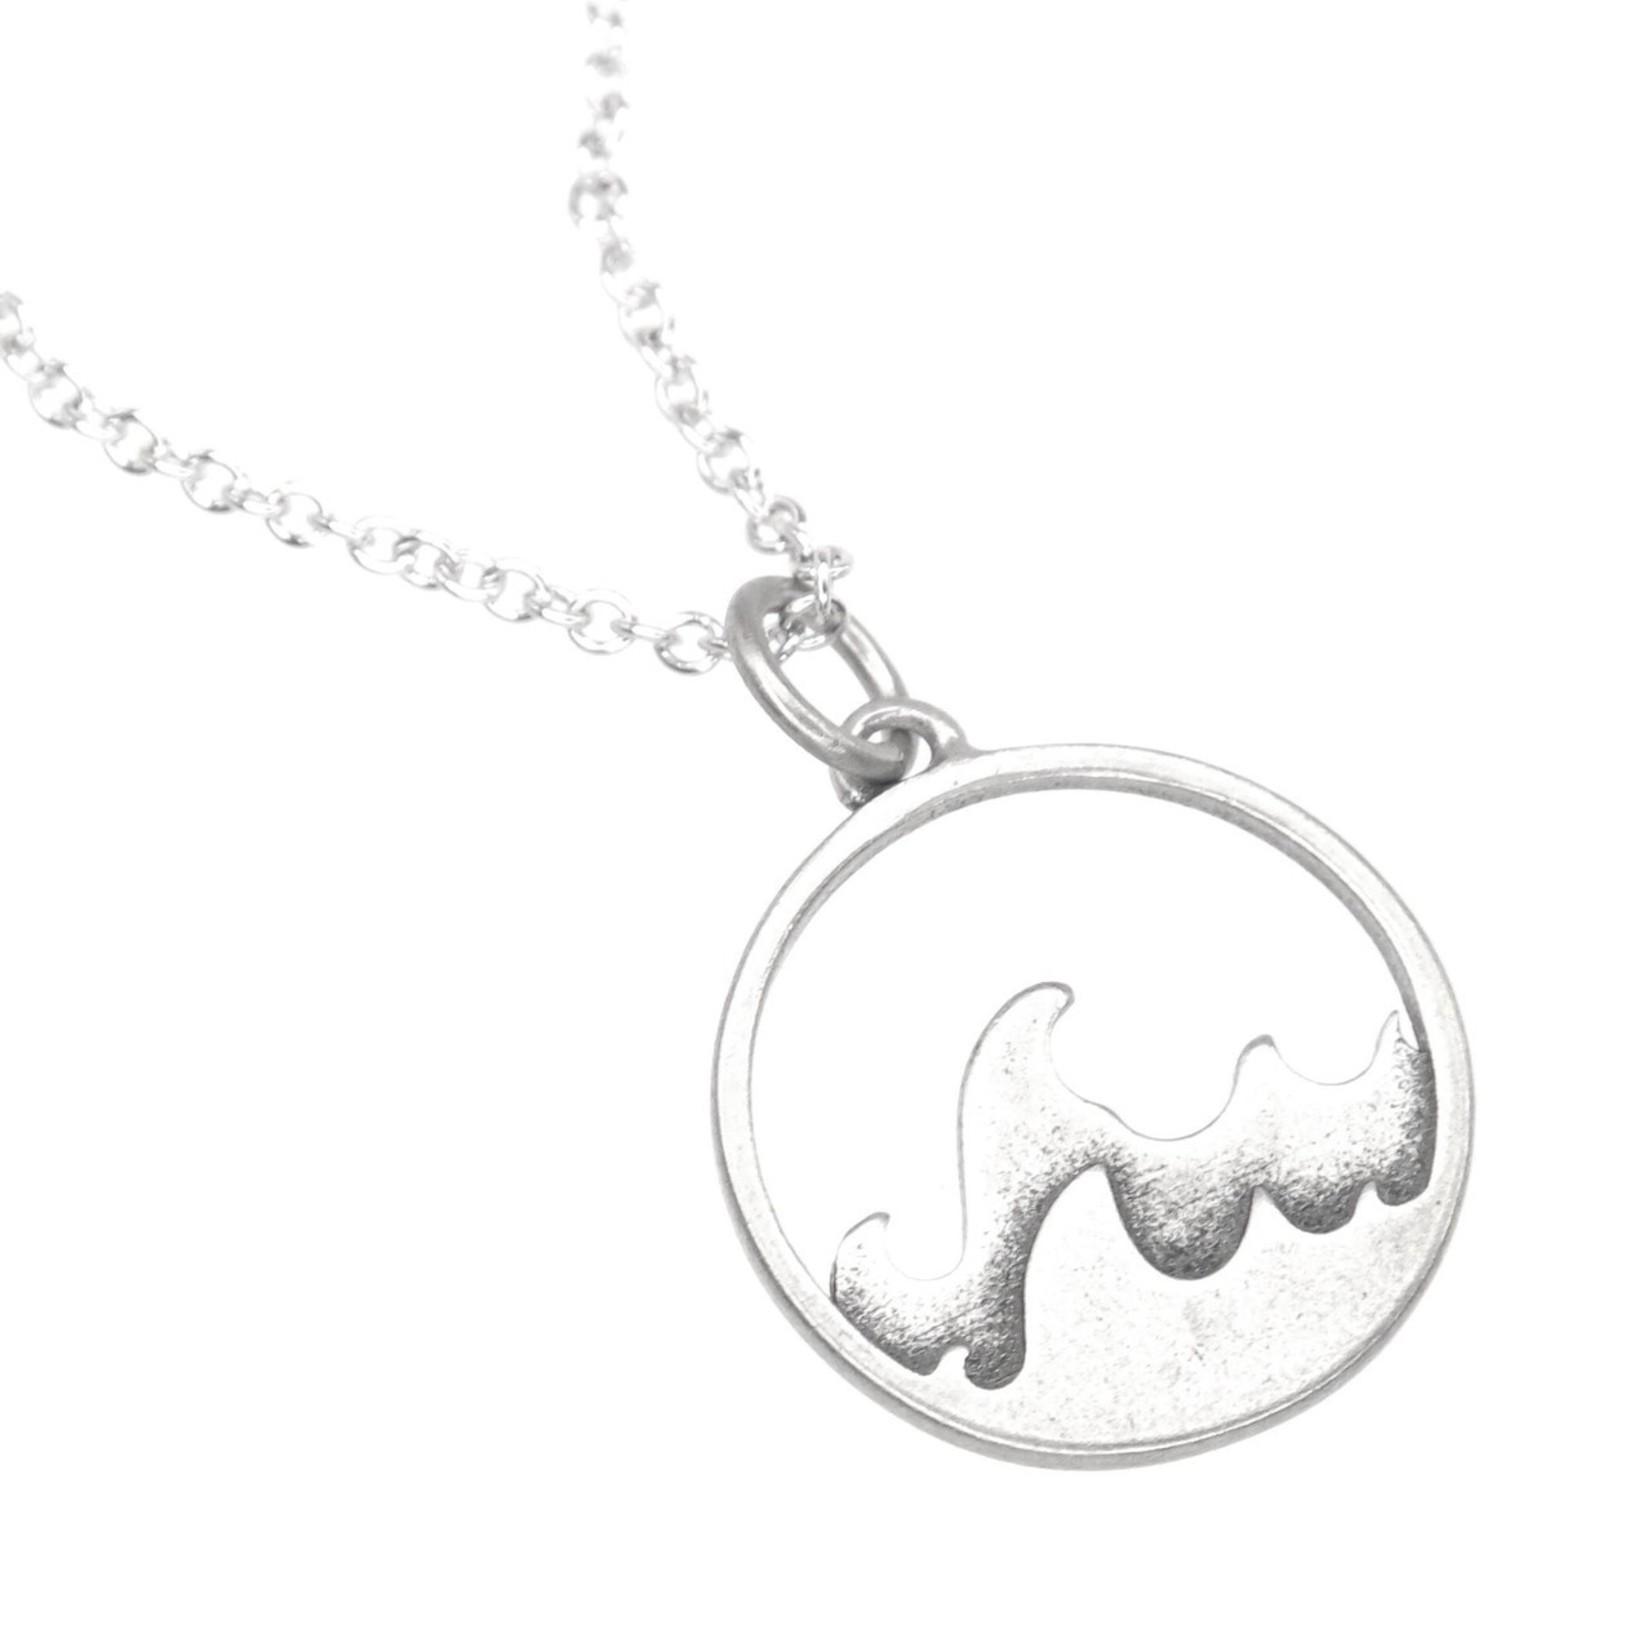 Ocean Wise necklace kanagawa wave